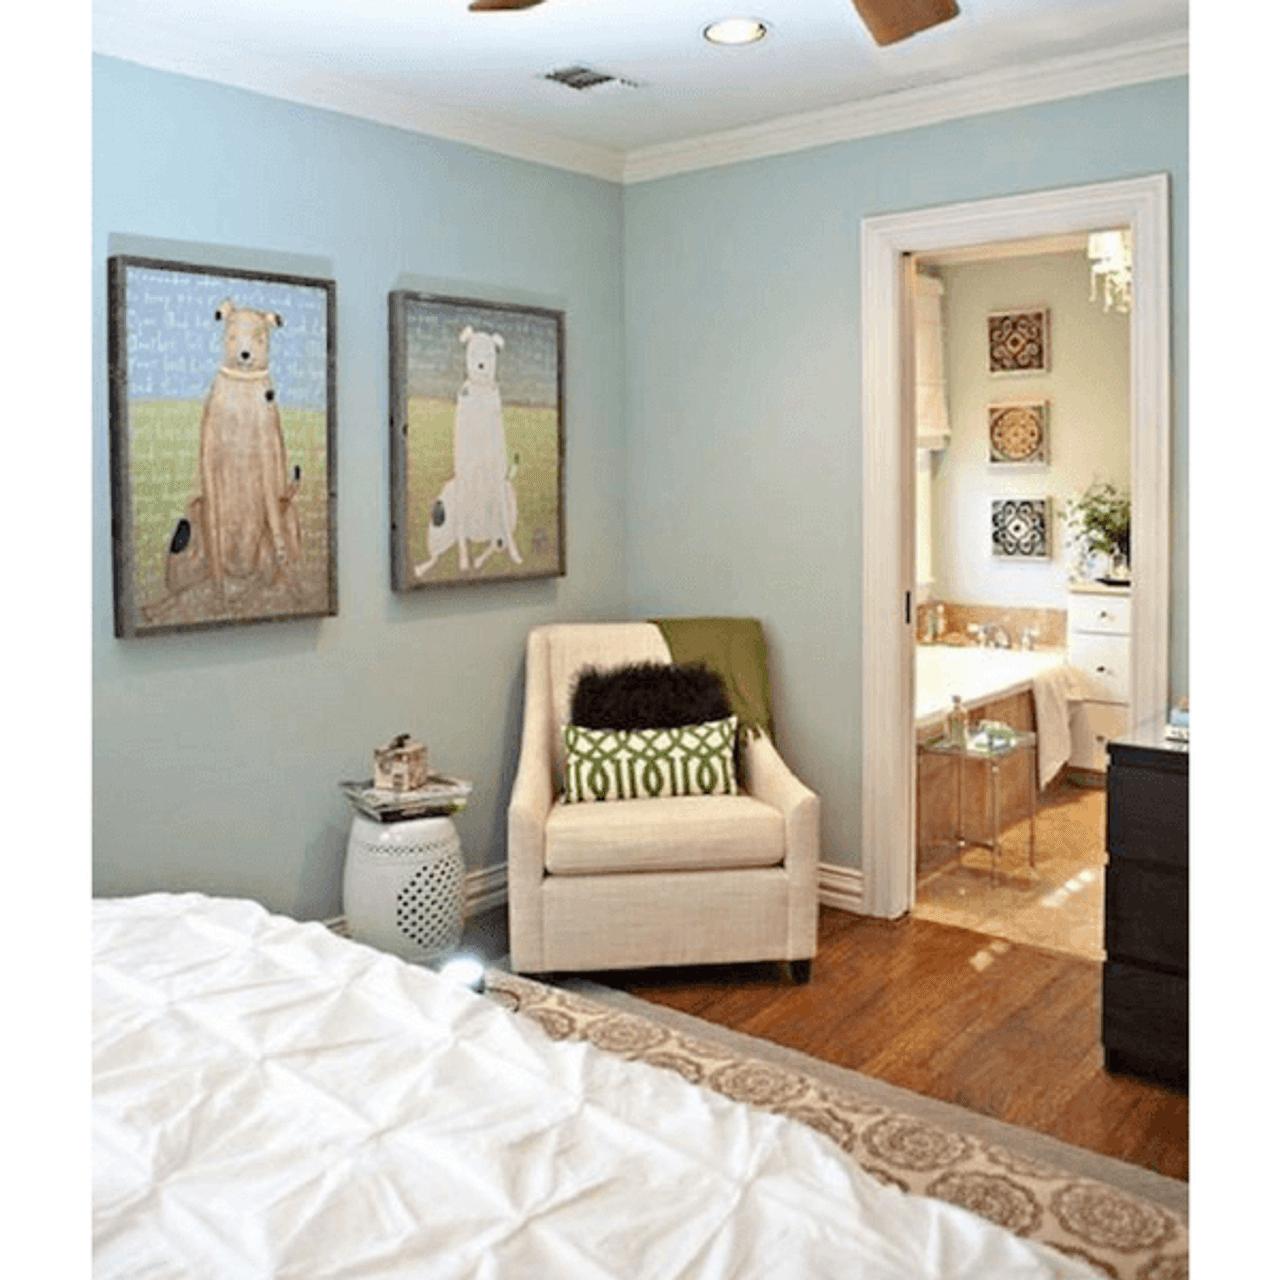 Brown Boy Dog art print with greywood frame hanging on wall